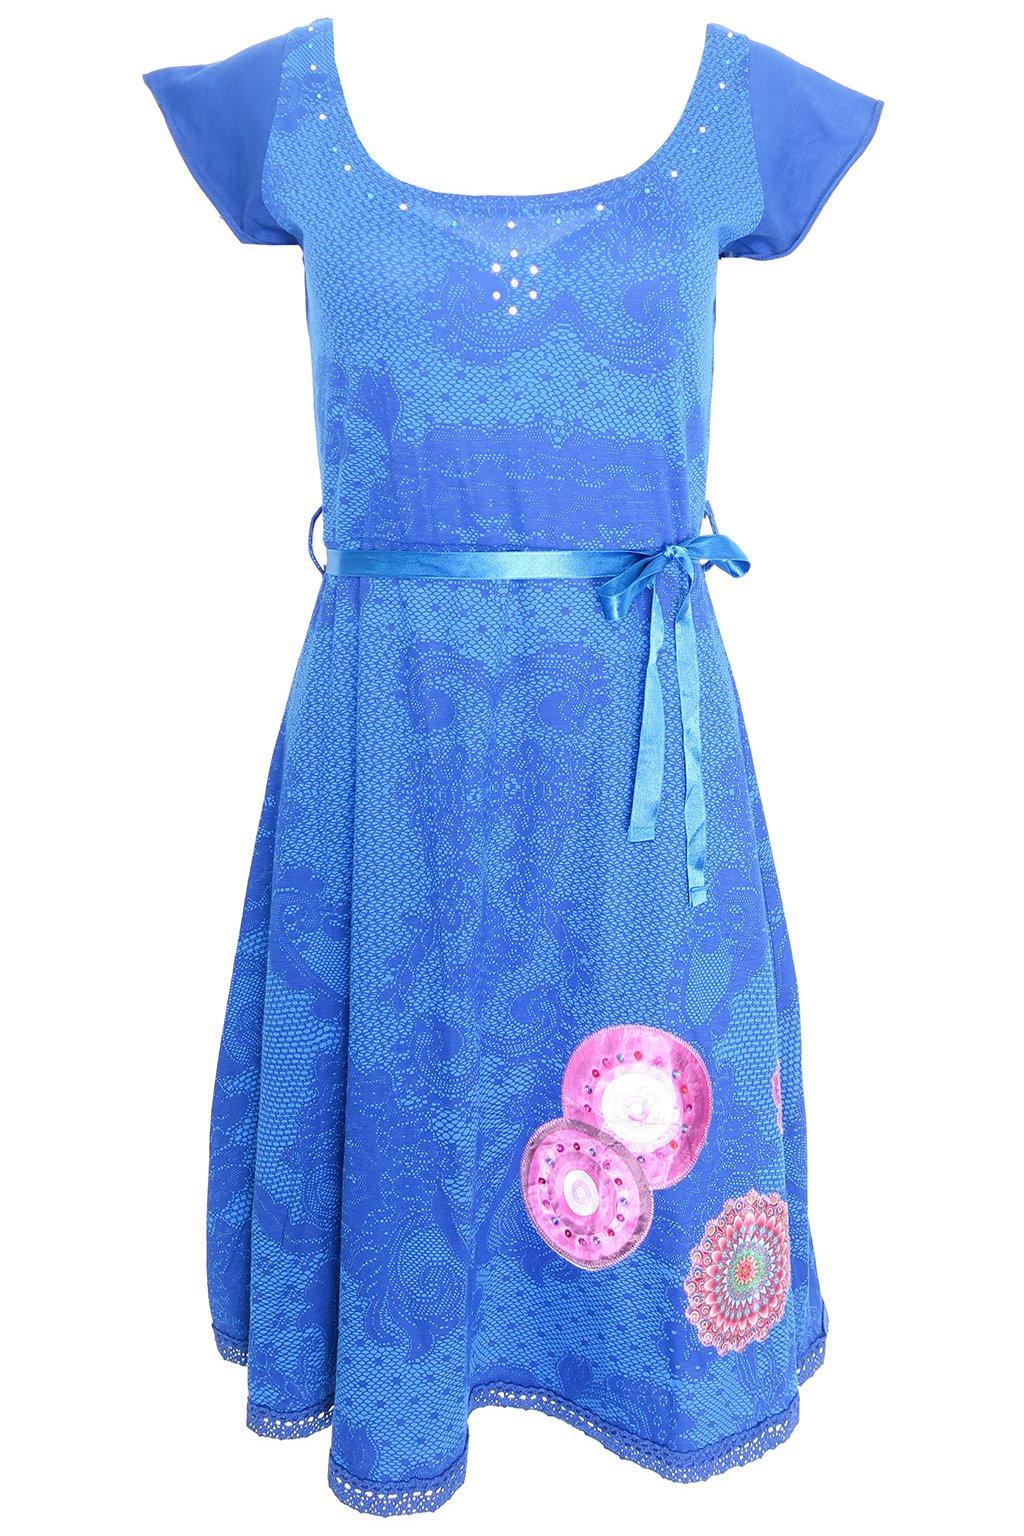 Desigual modré šaty s kamínky a vzory